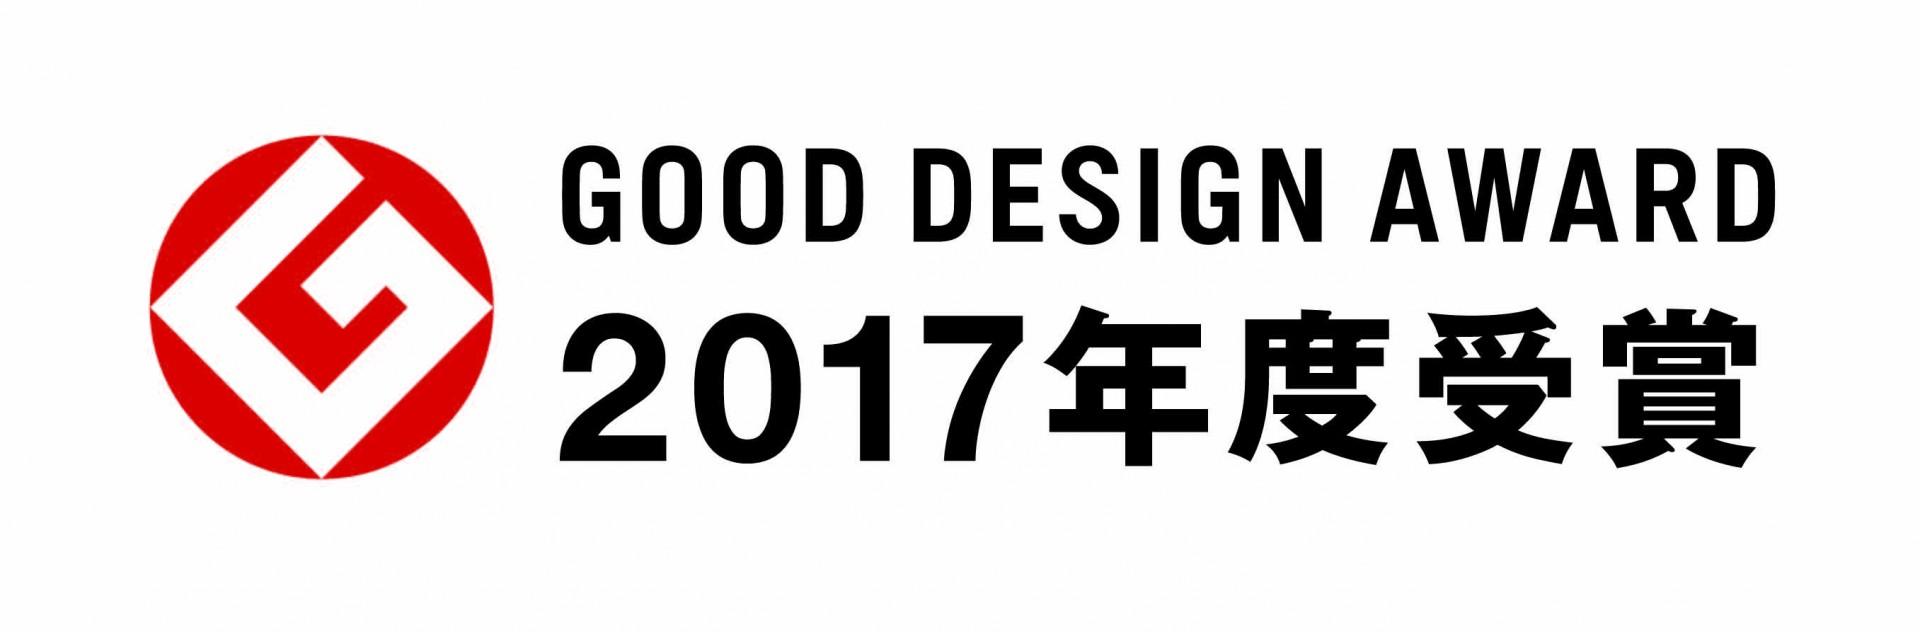 682d8534fb1aca18ef15c525cabd0e87 グッドデザイン賞を受賞いたしました。